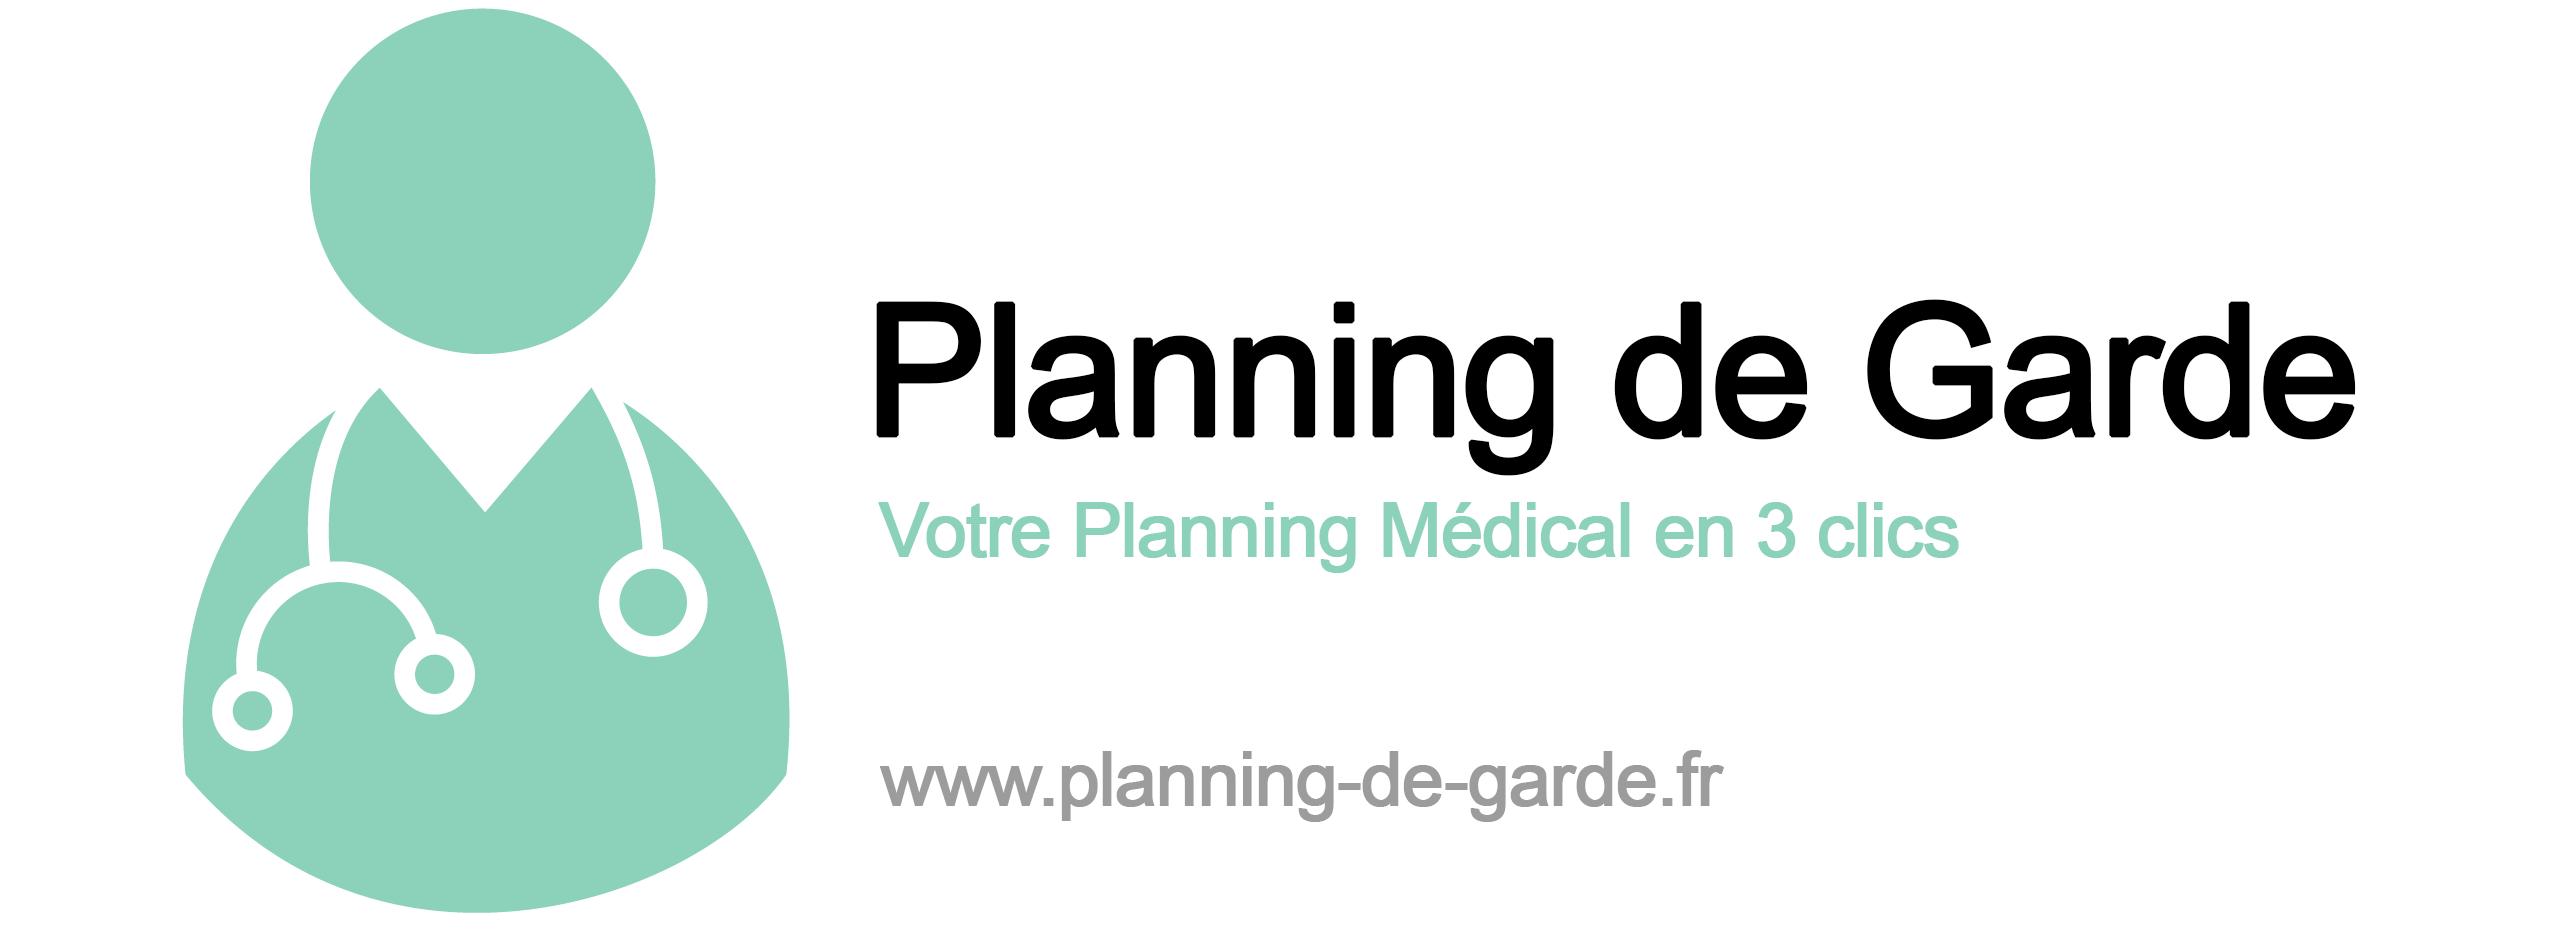 Planning de Garde